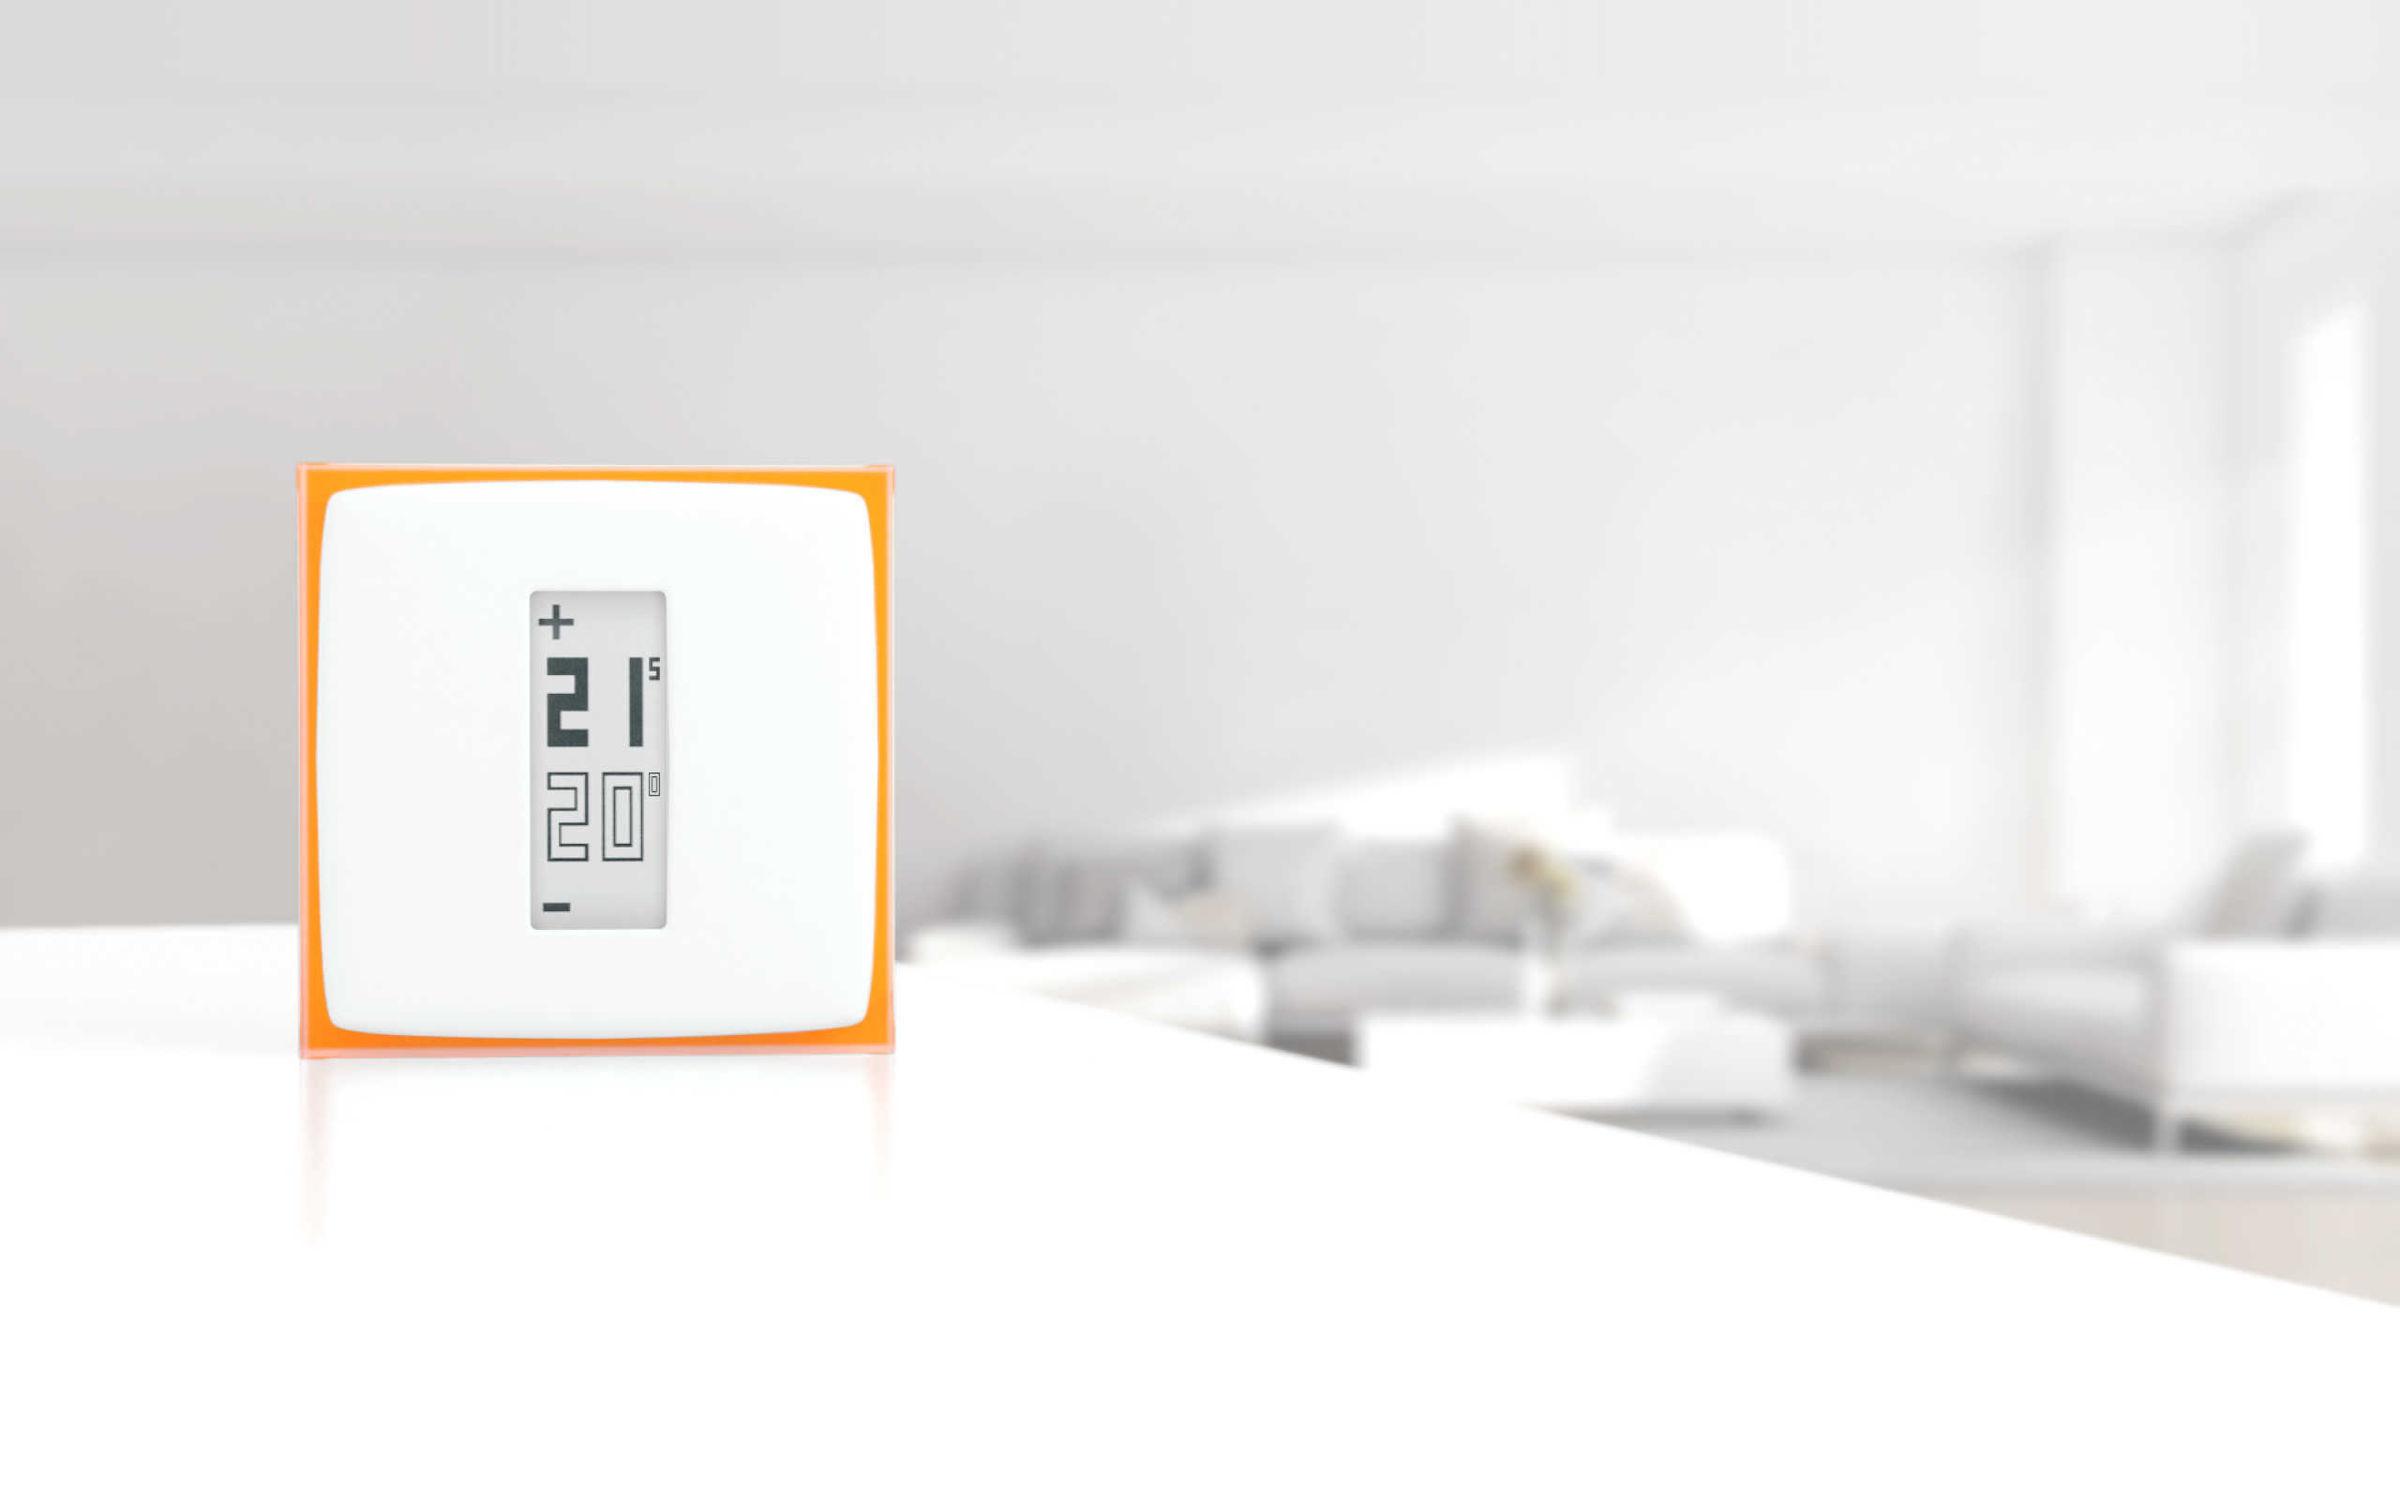 Termostato Netatmo - La soluzione smart per il risparmio energetico